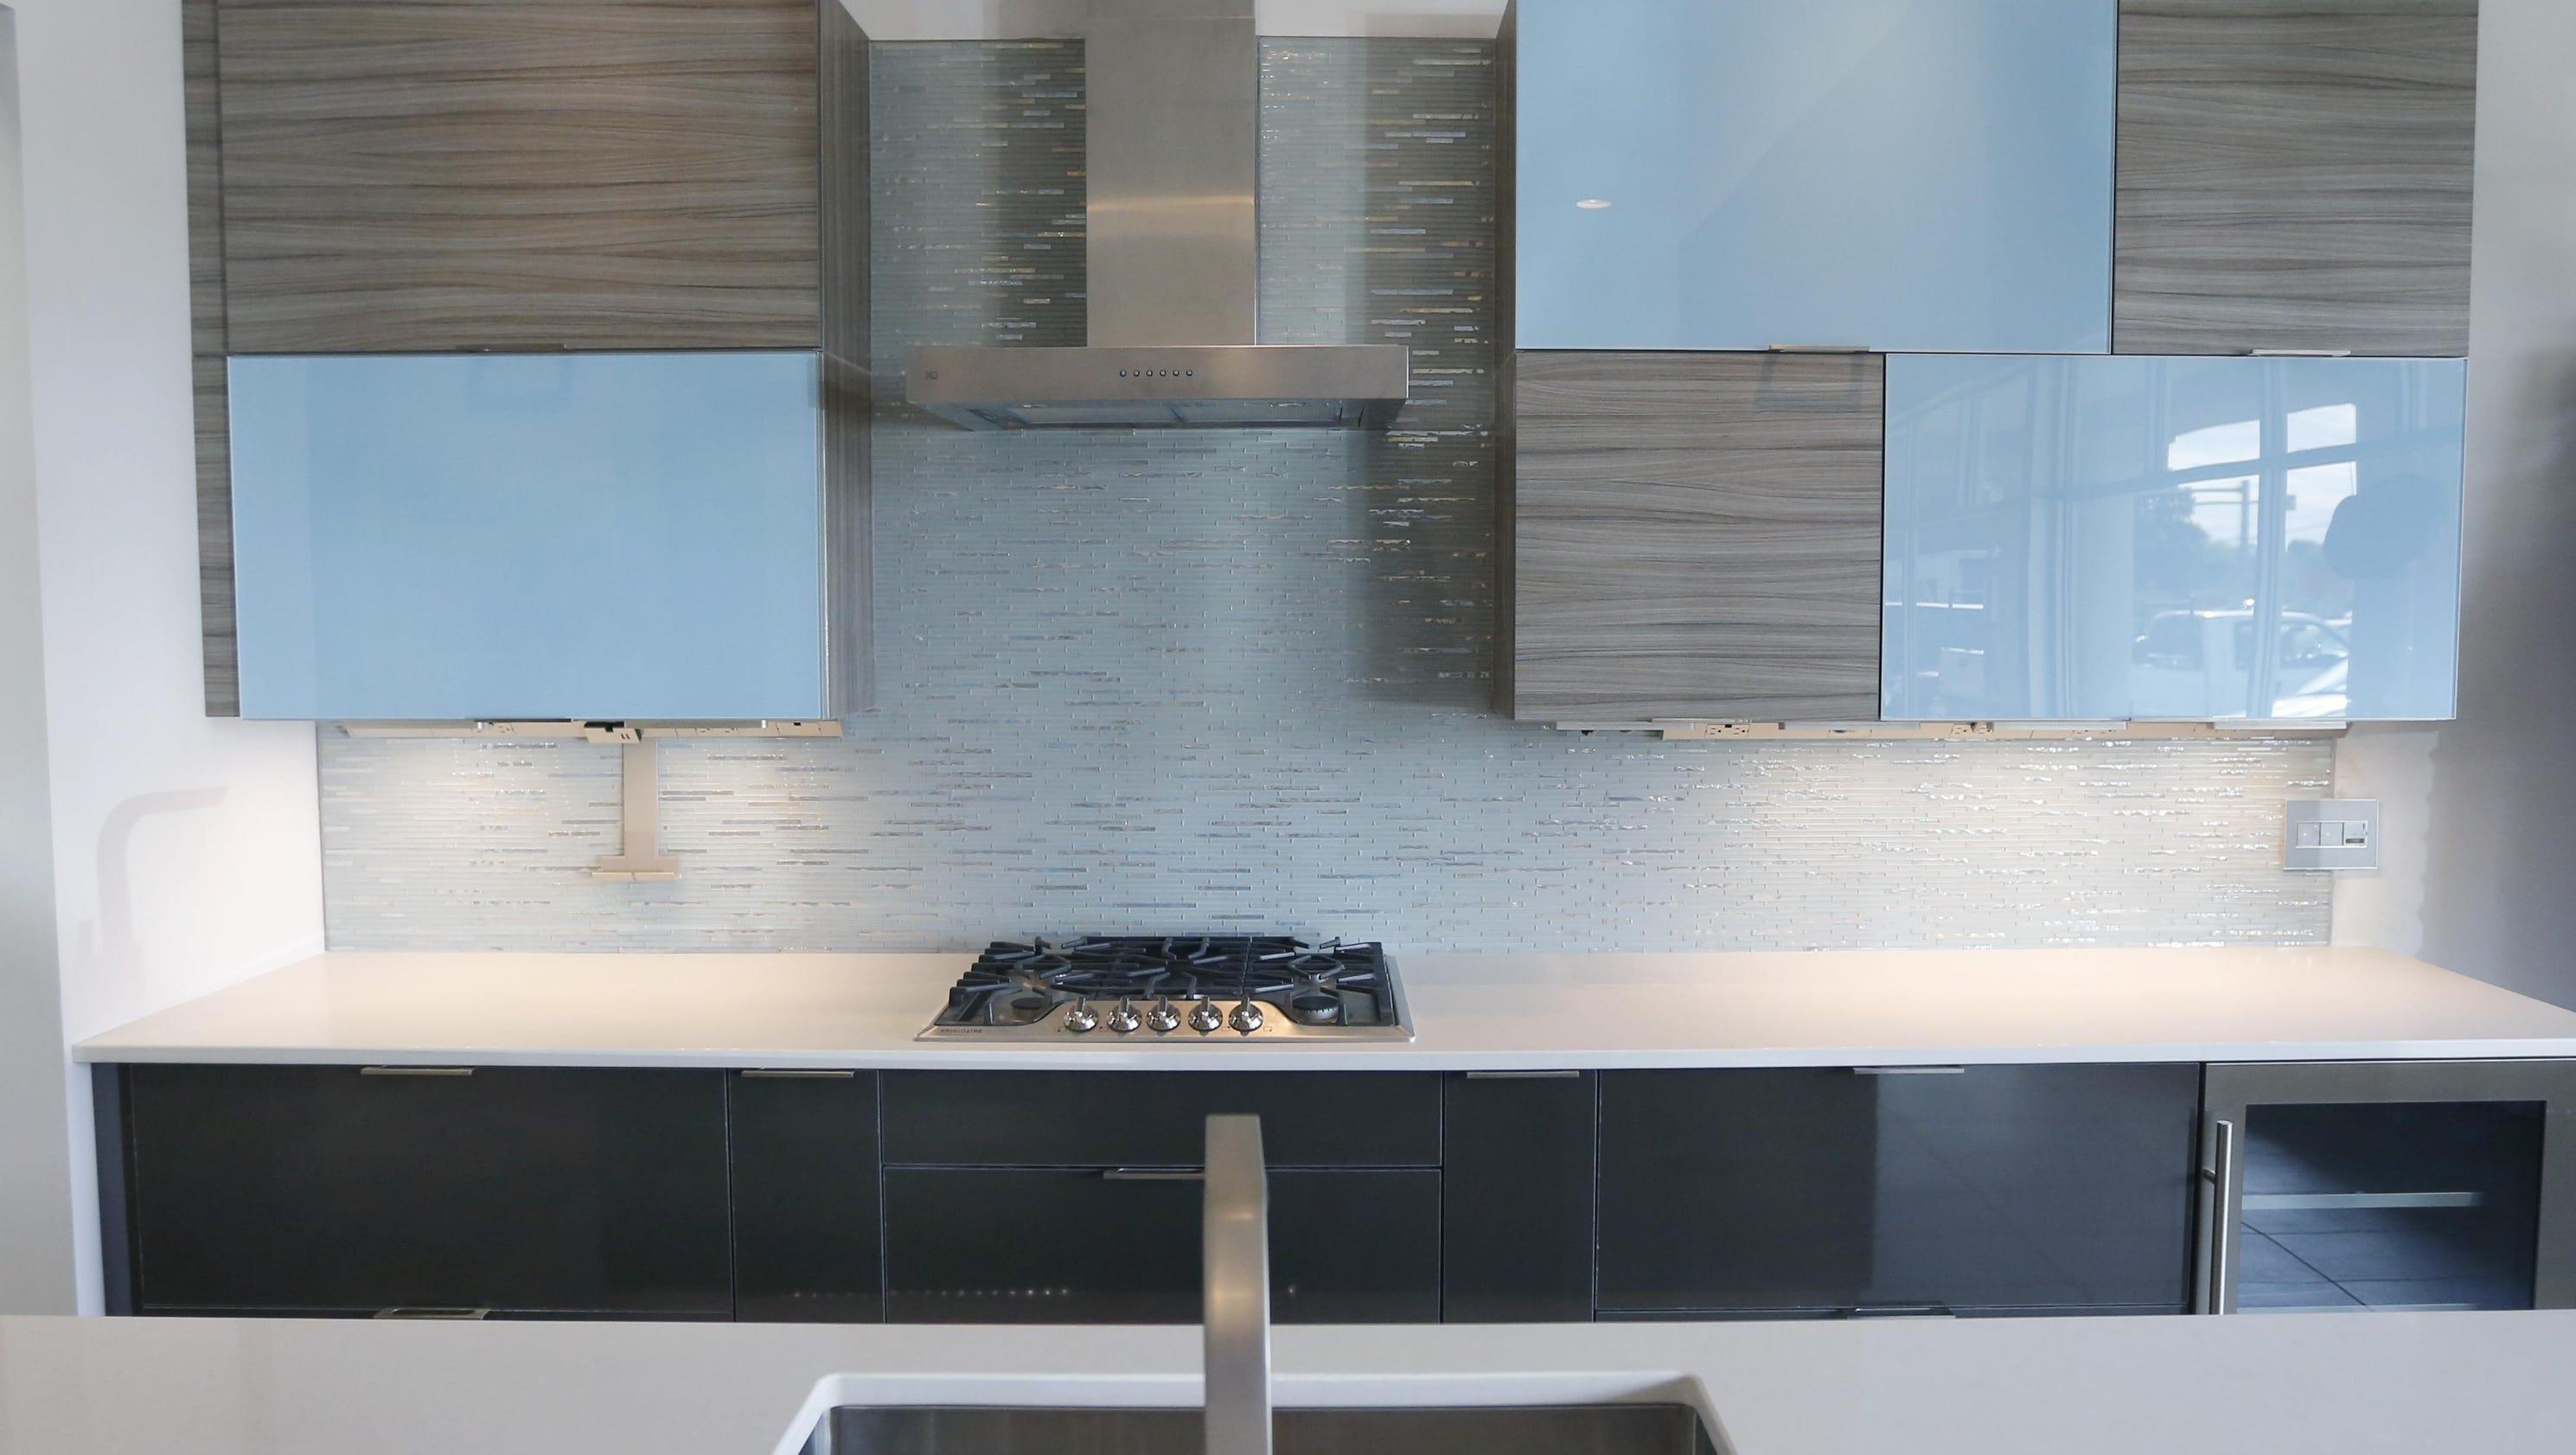 Rochester Linoleum adds kitchen center